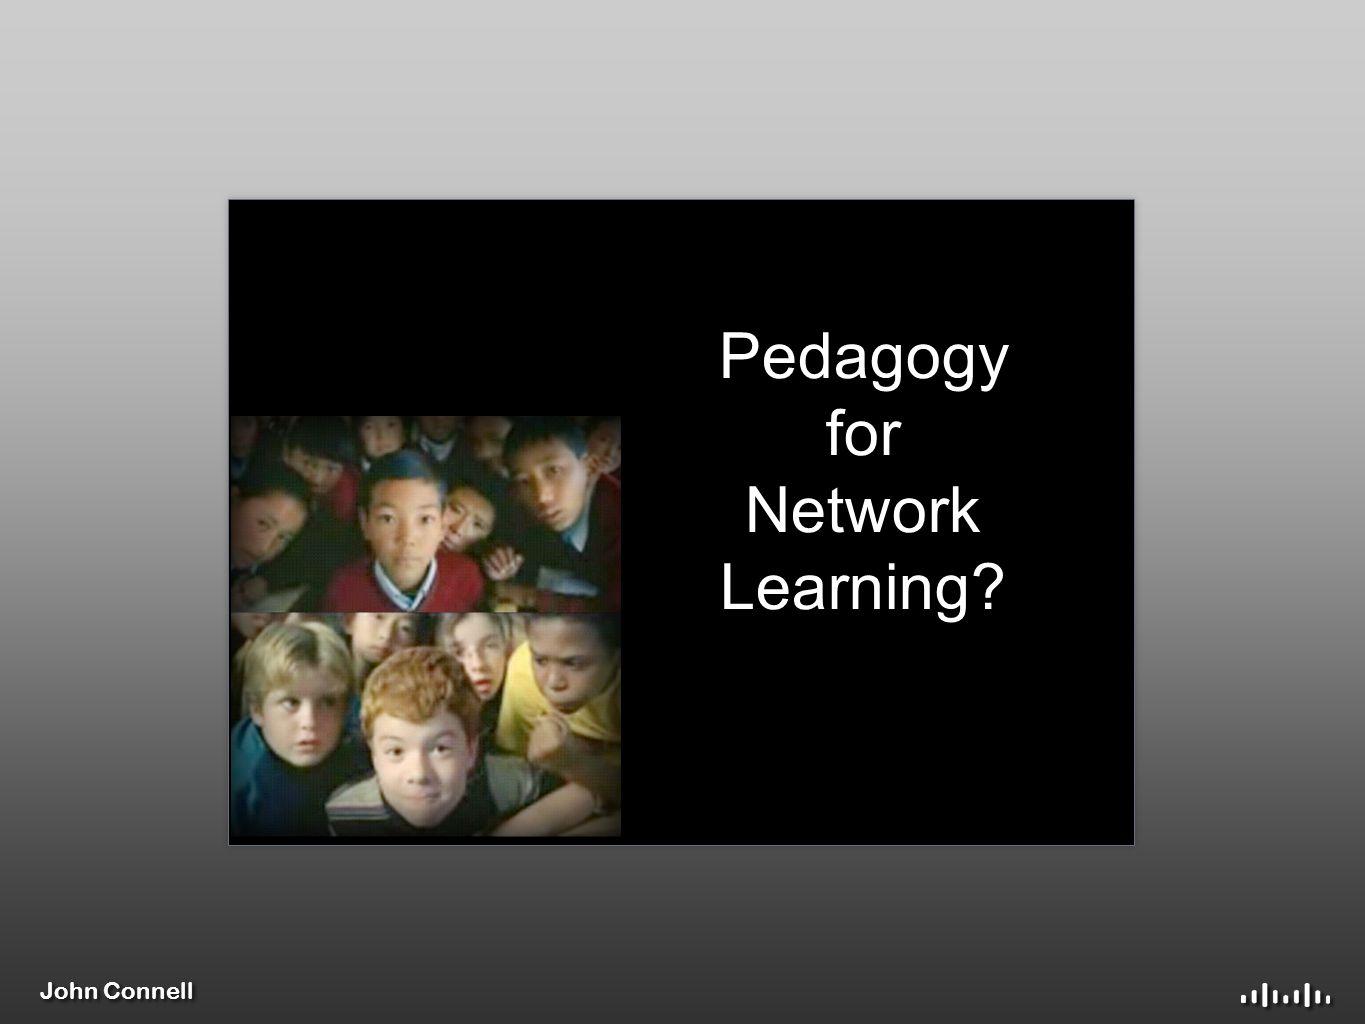 John Connell Pedagogy for Network Learning